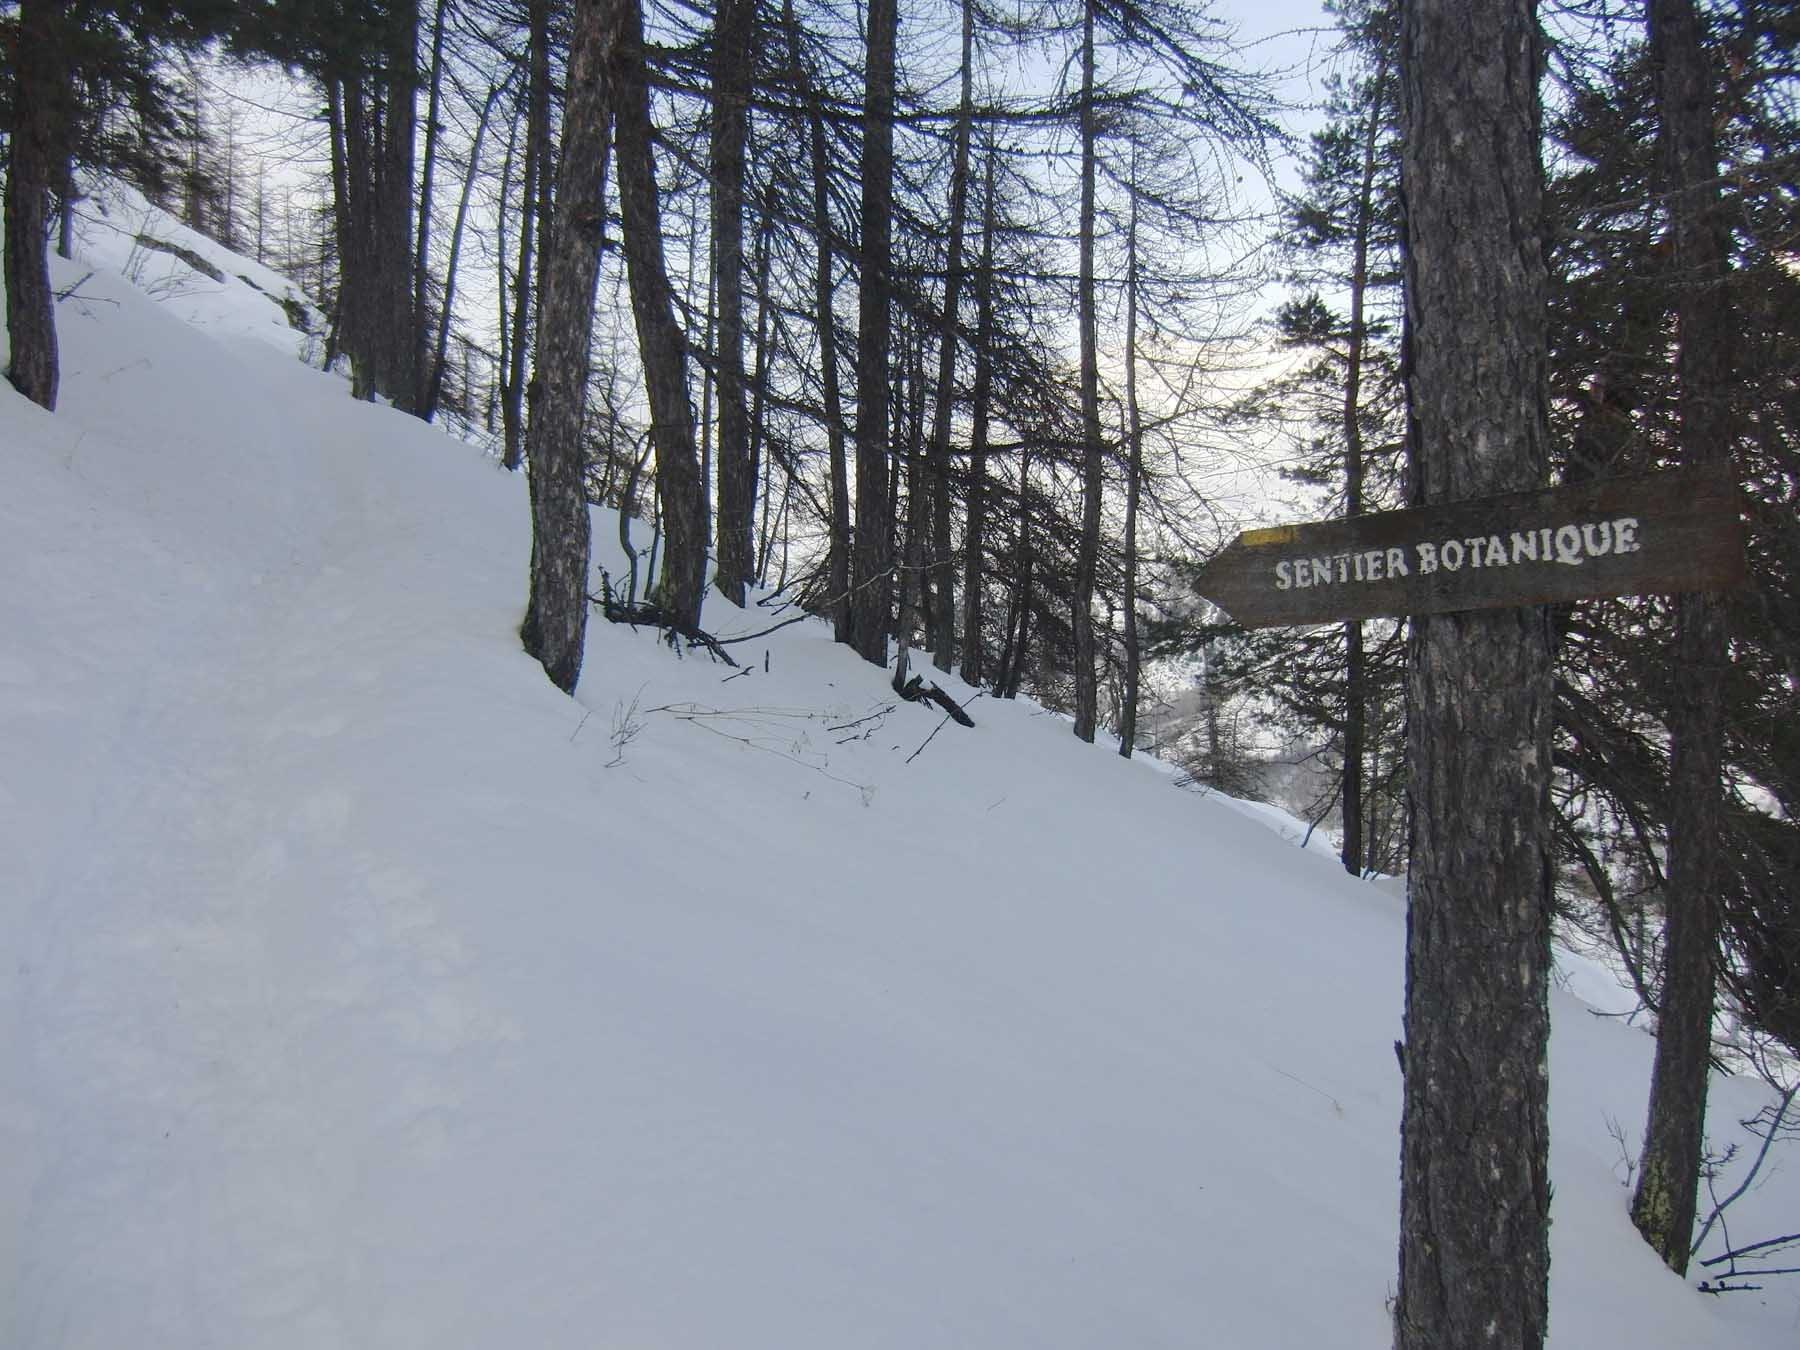 Sentier Botanique